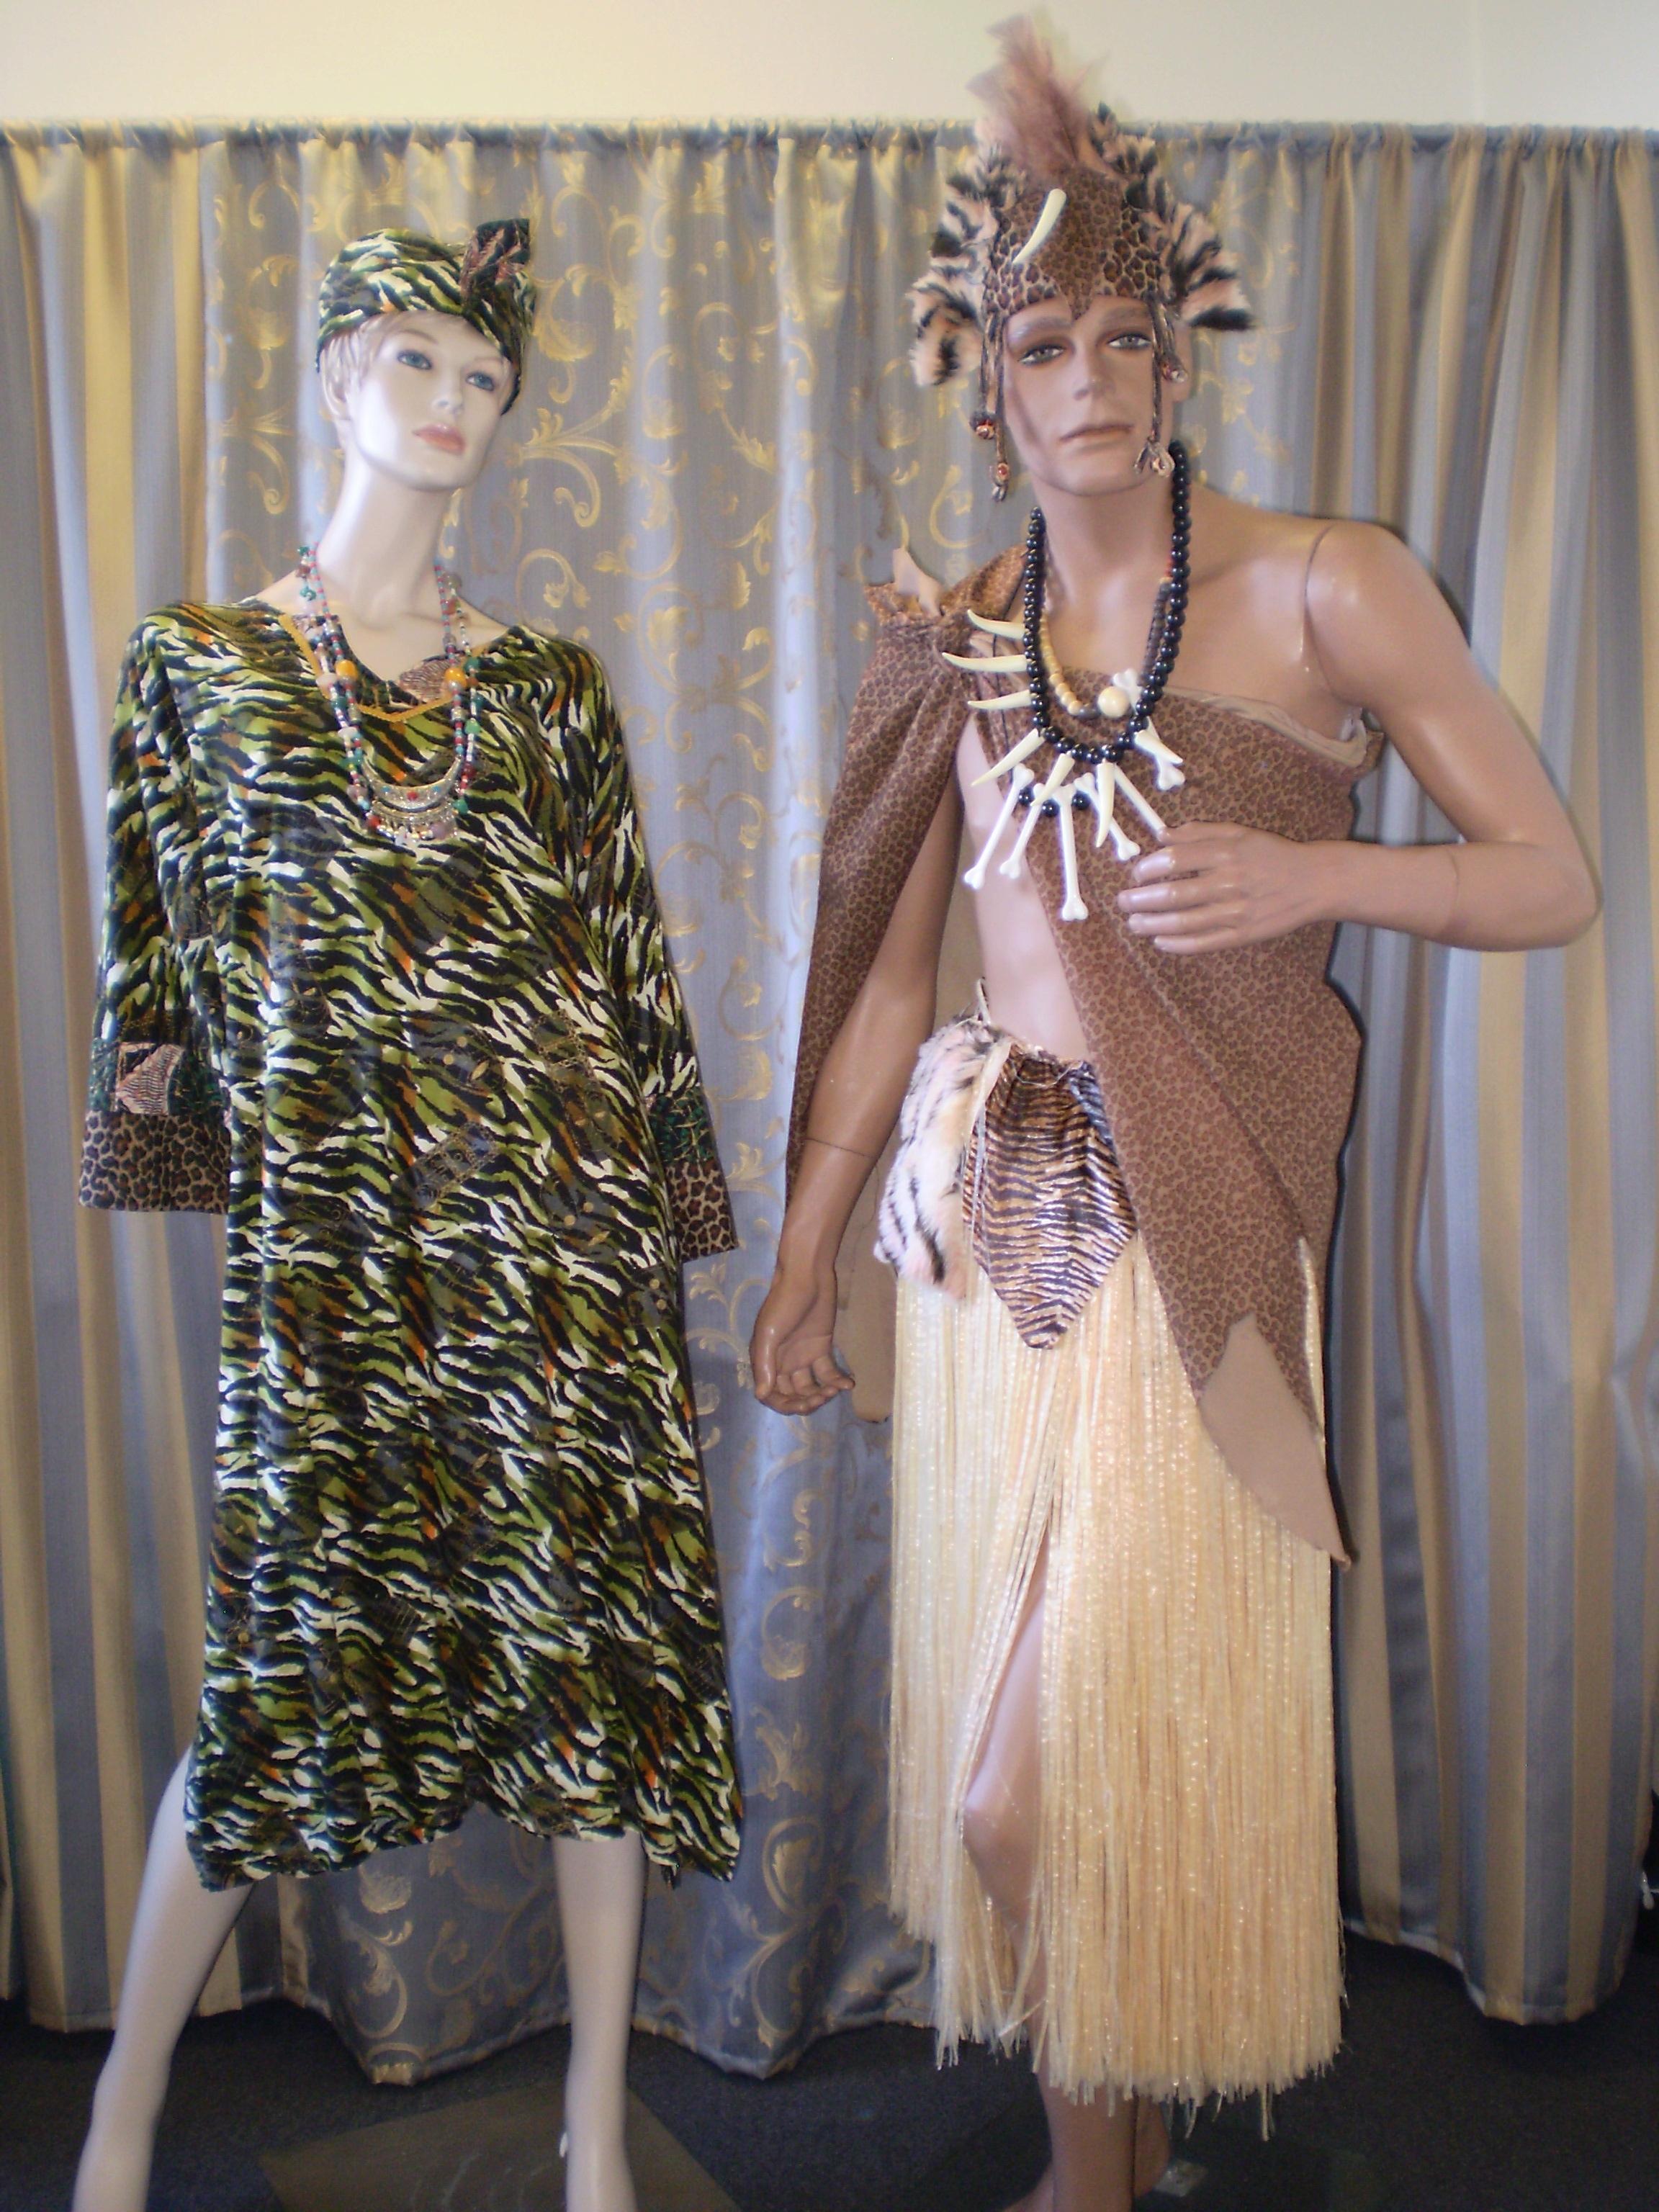 Prehistoric Caveman, Tarzan & Jane Jungle Costumes - Jan 2017